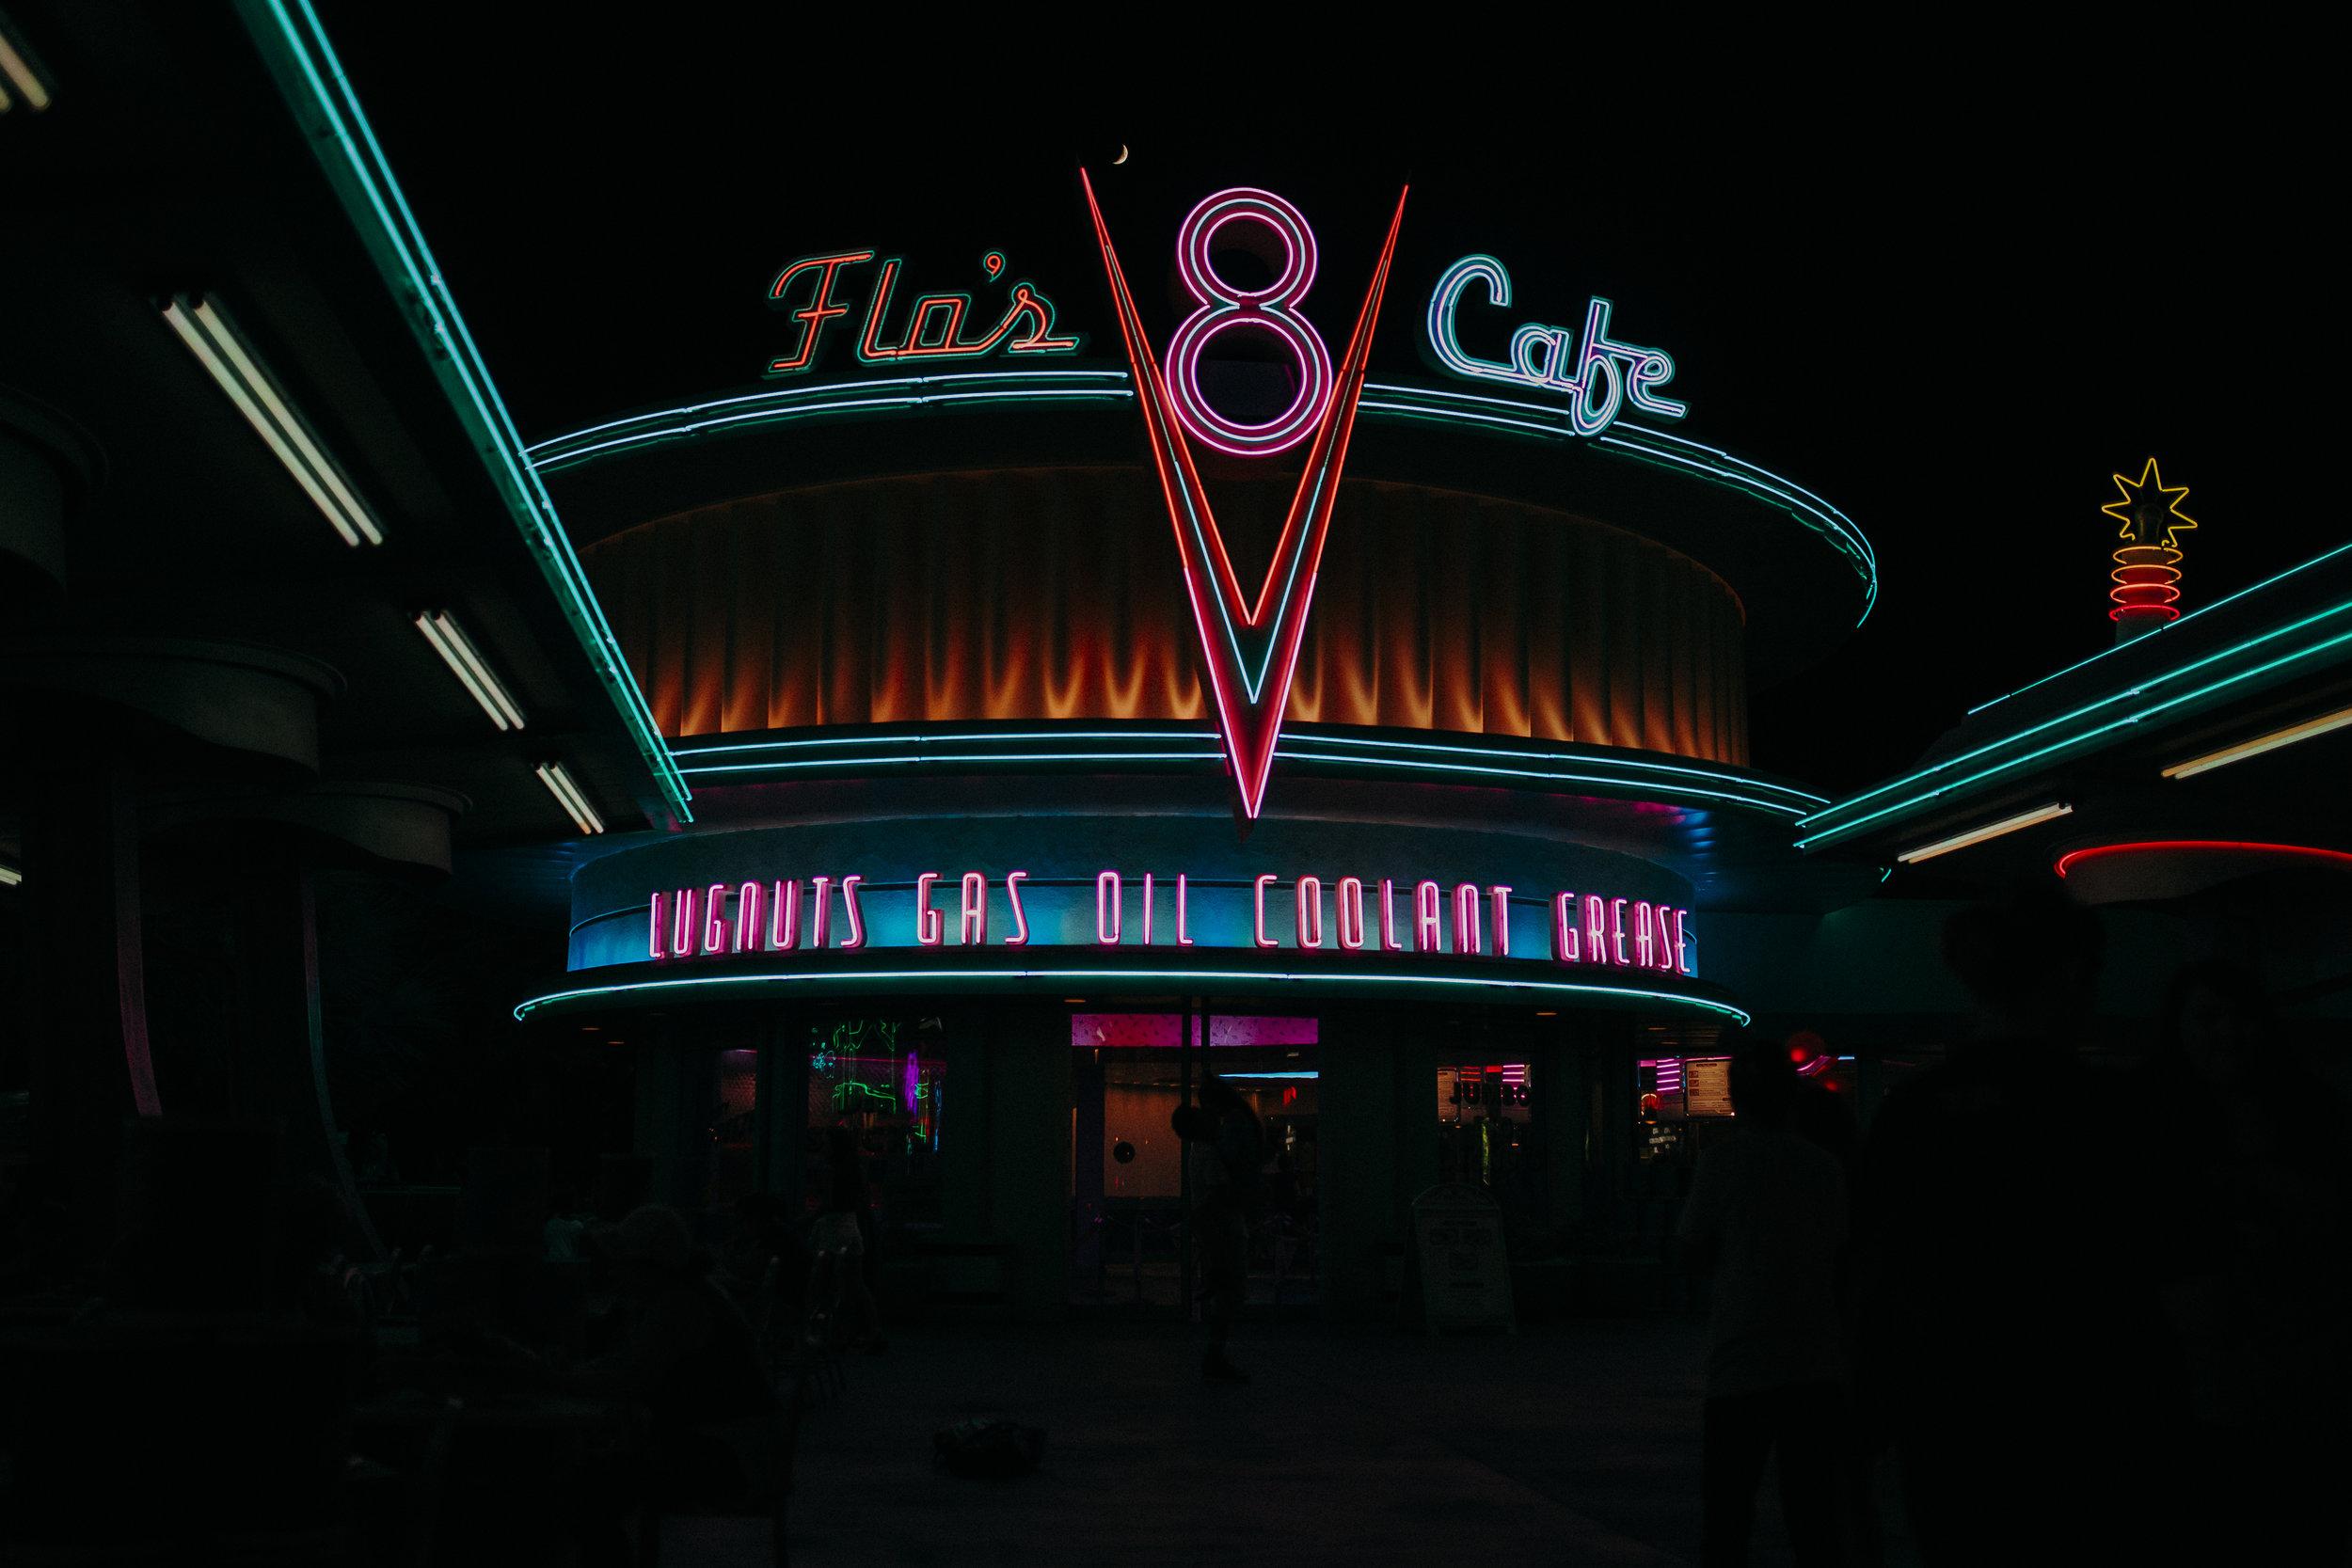 Disneys-California-Adventure-Pictures-26.jpg